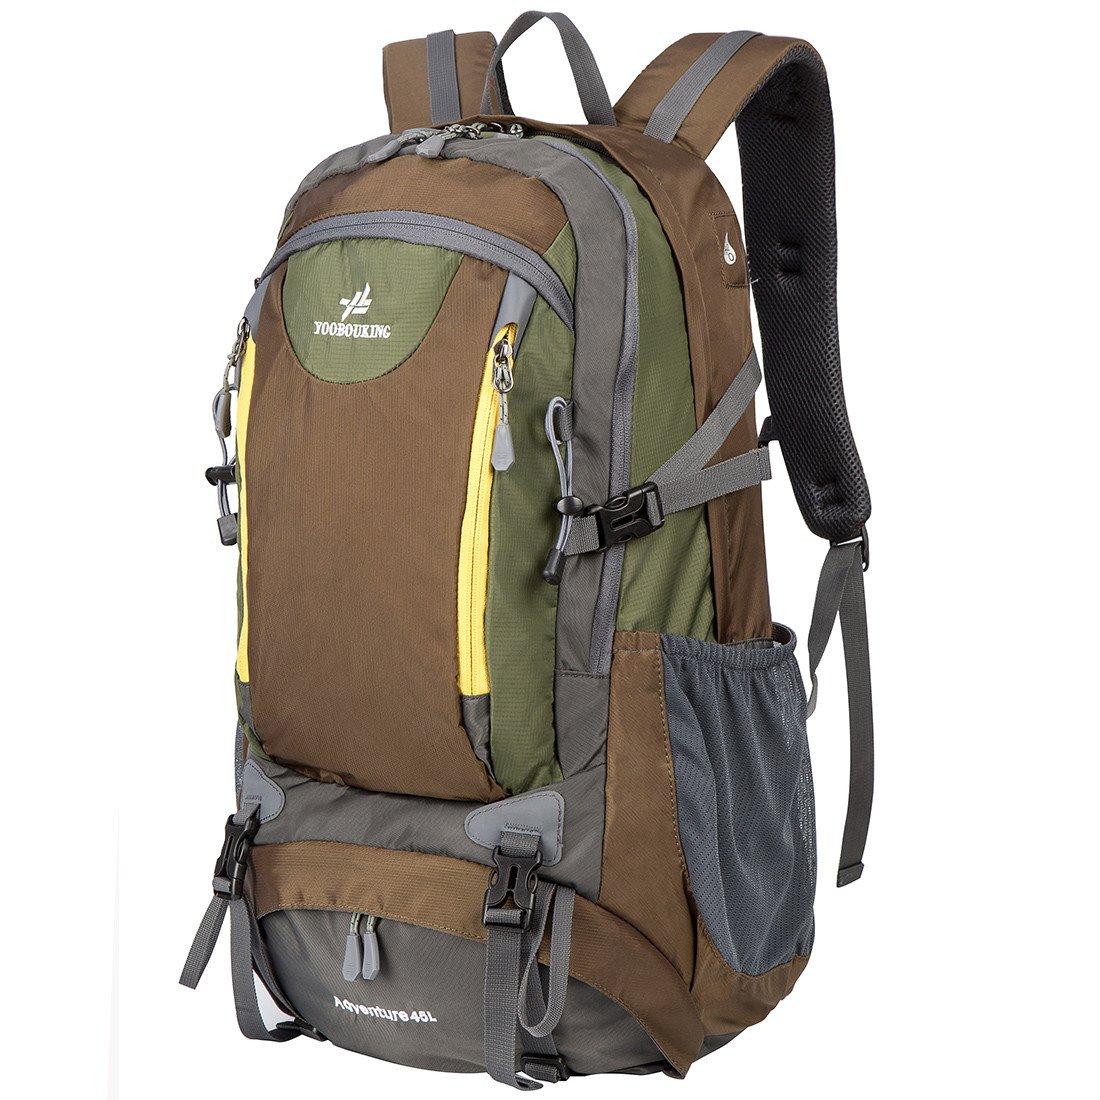 Schumarson ハイキングバックパック 45L 内部フレームバックパック 防水 旅行用デイパック アウトドア ハイキング 旅行 登山 キャンプ用  ブラウン B07BV1R9X8